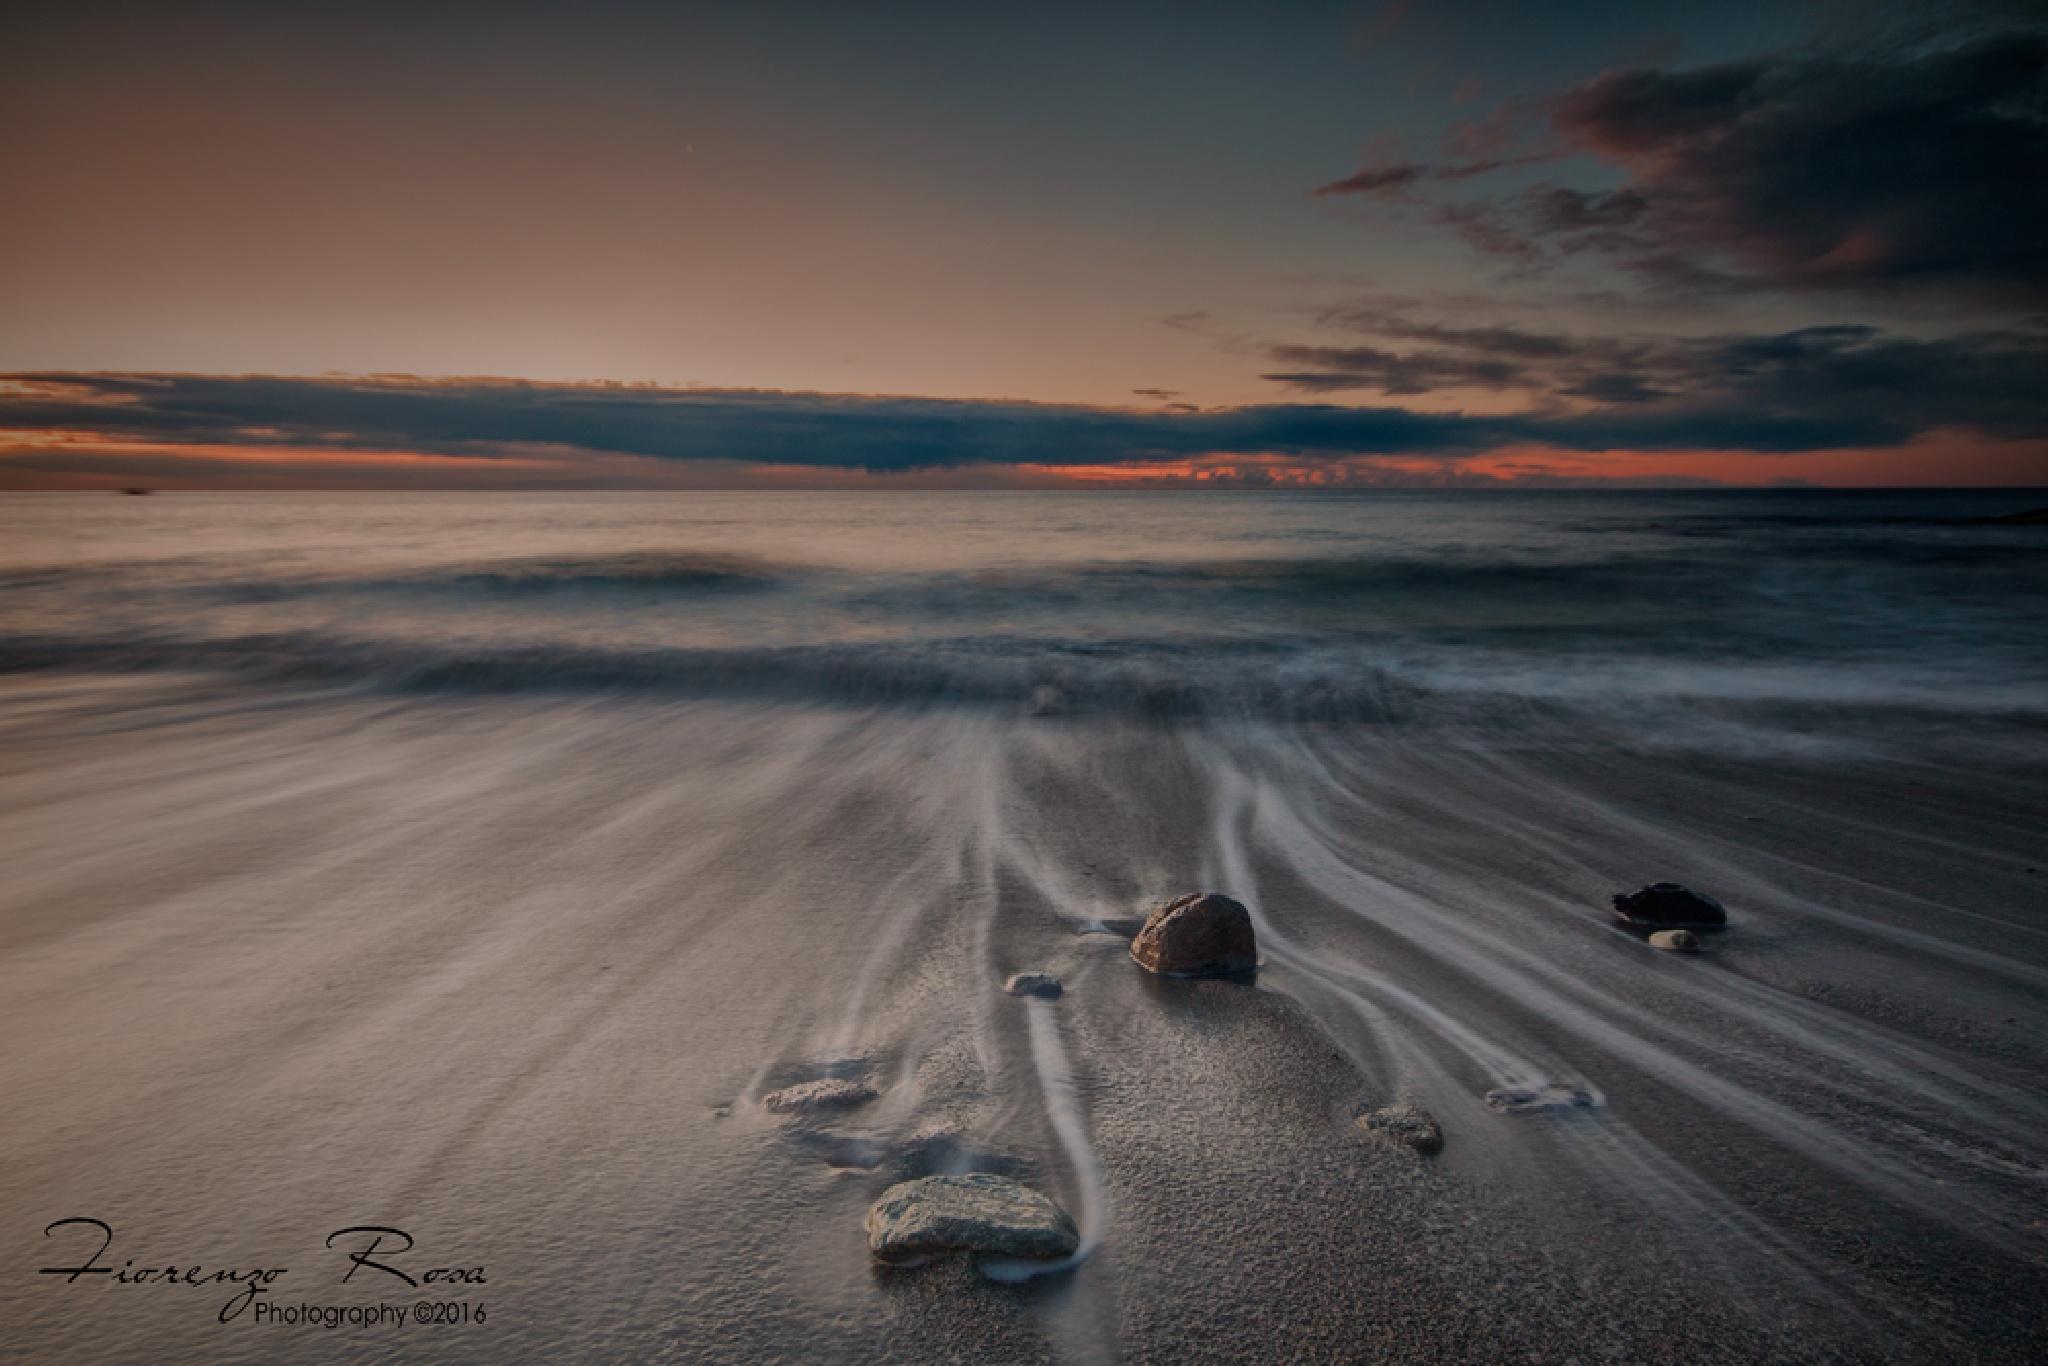 Paesaggio lunare by Fiorenzo Rosa